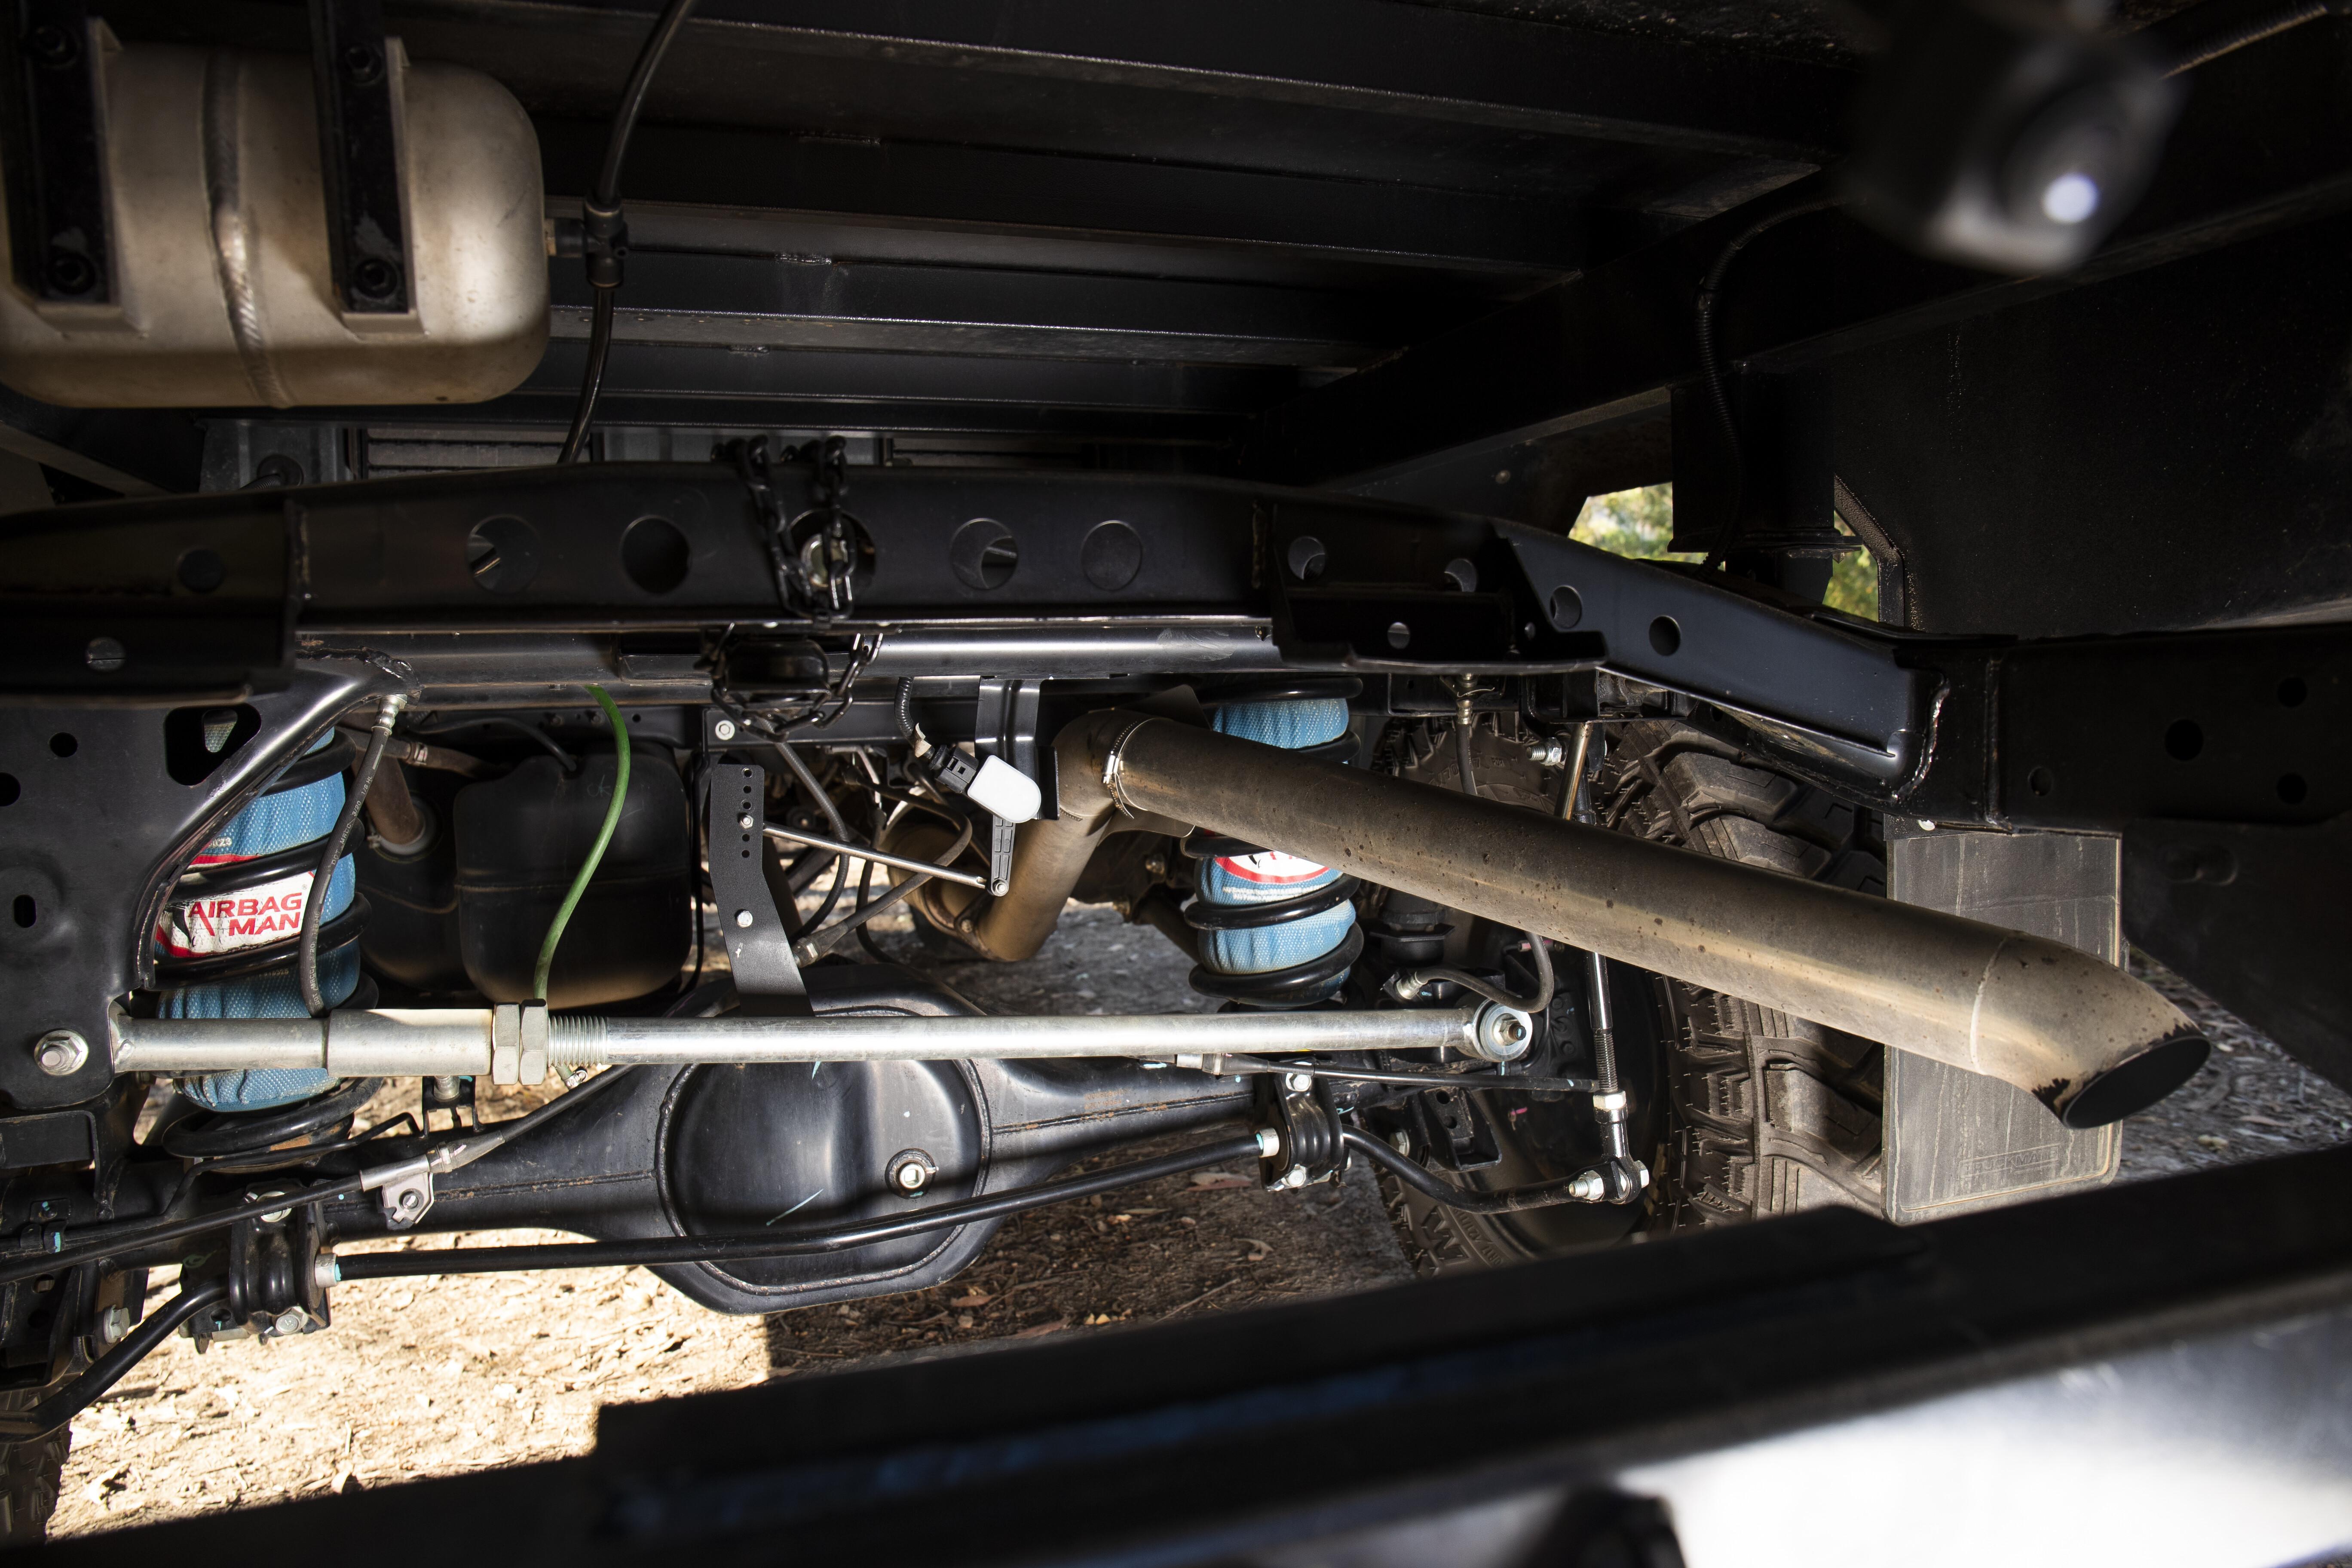 4 X 4 Australia Reviews 2021 June 2021 2020 Nissan Navara ST Custom 4 X 4 3